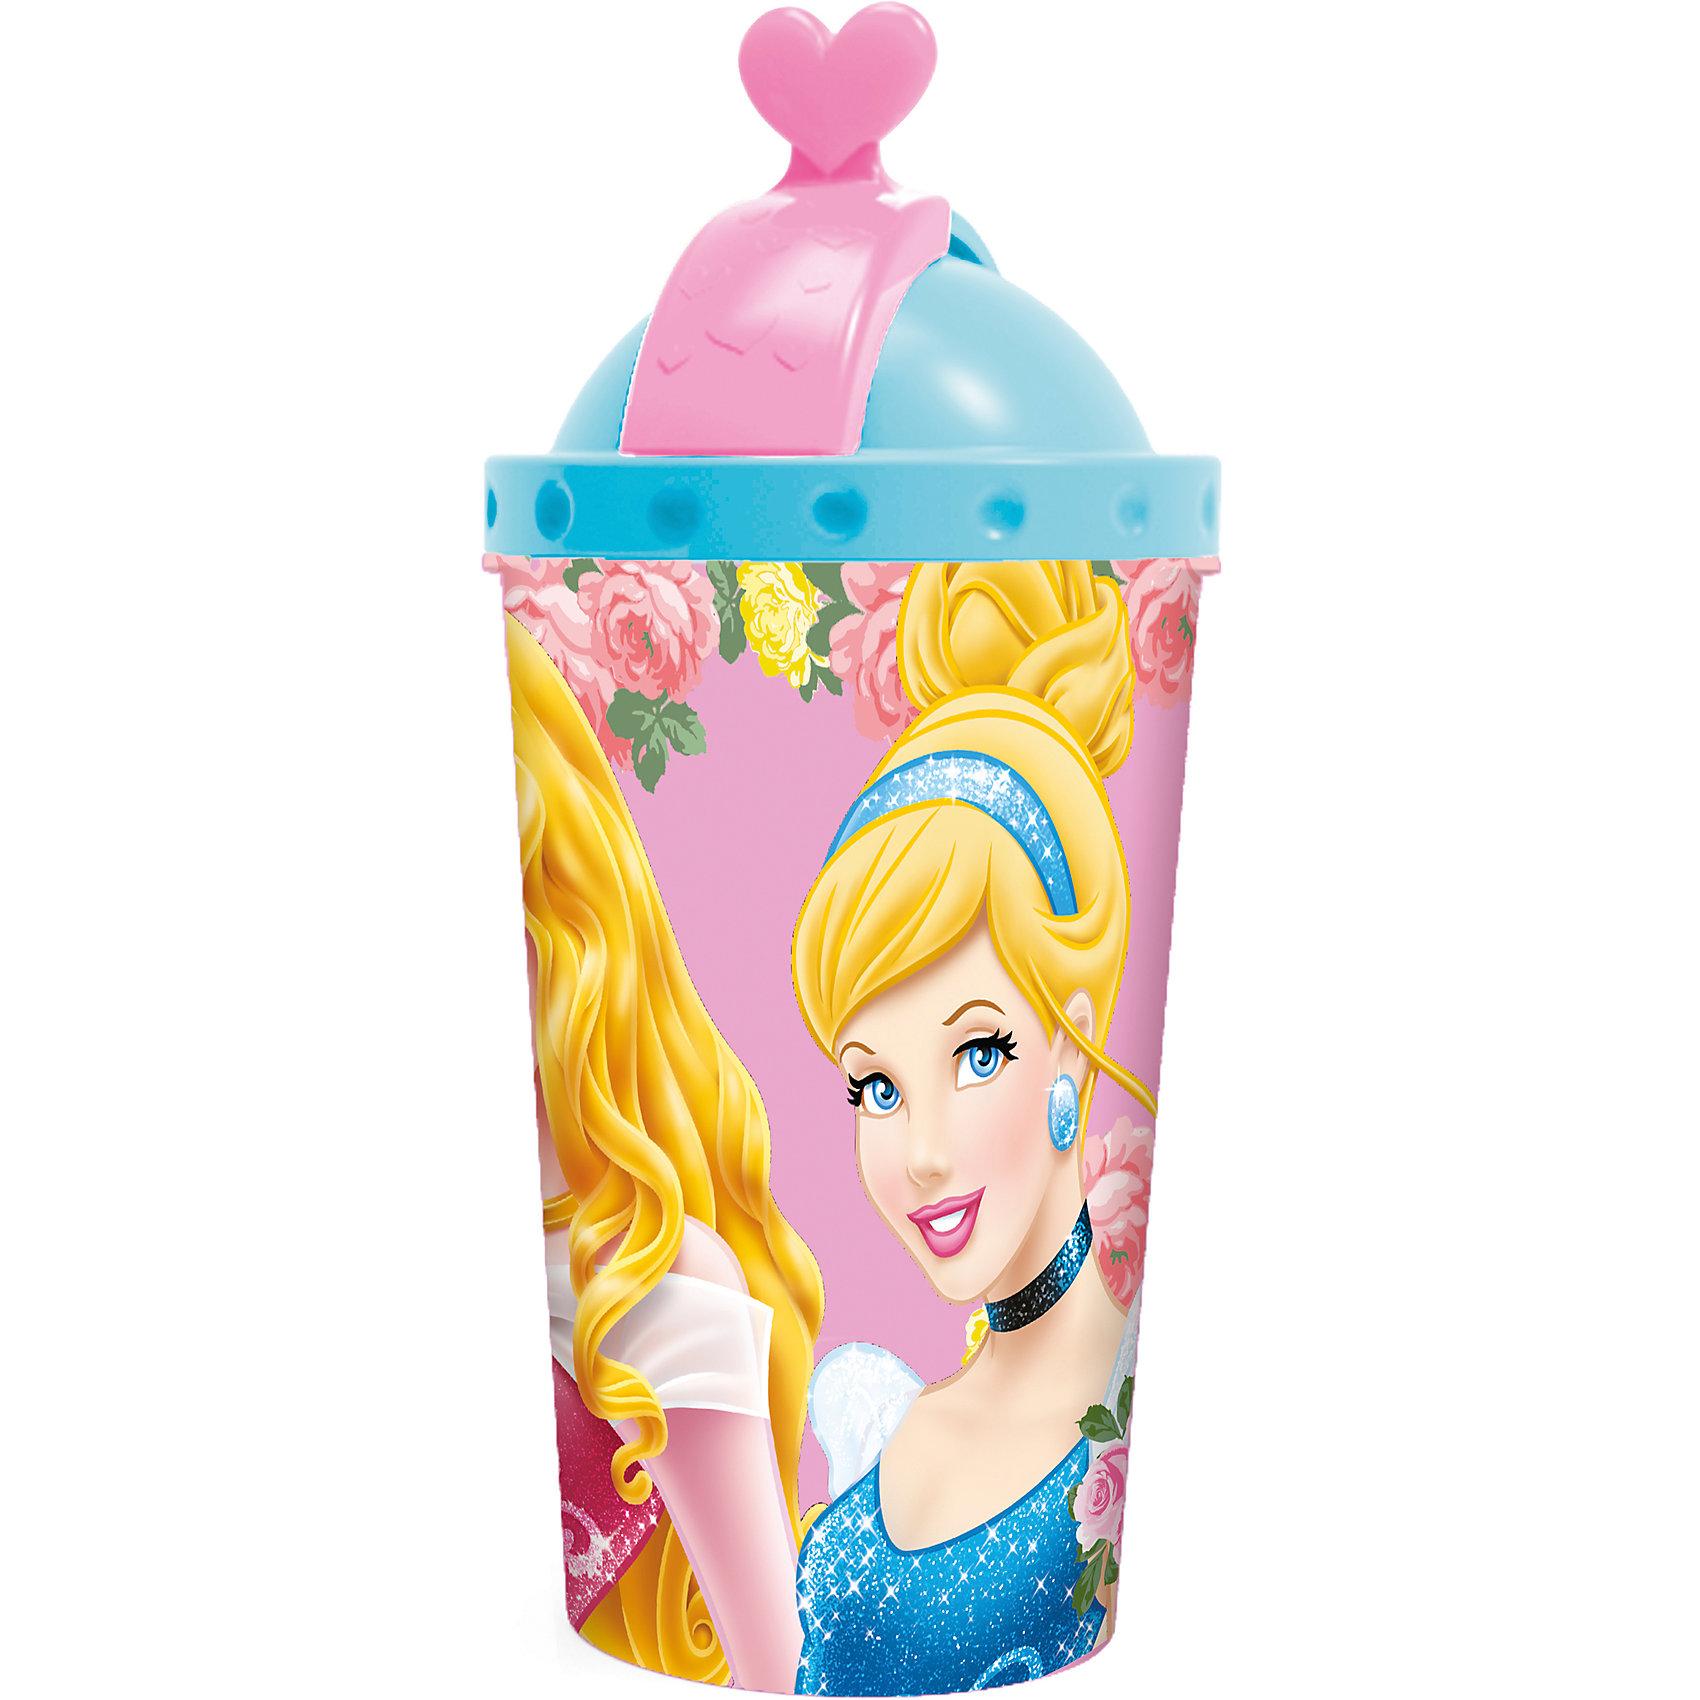 Фляга с крышкой и трубочкой, 450 мл, Принцессы ДиснейБутылки для воды и бутербродницы<br>Фляга с крышкой и трубочкой - удобный и практичный вариант для поездок, путешествий и активного отдыха. Фляга украшена ярким изображением любимиц всех девочек, Disney Princess, выполнена из высококачественного пищевого пластика. Гибкая пластиковая трубочка закрывается крышкой, что исключает протекание и загрязнение. Пластиковая посуда удобна и практична, ее можно брать с собой куда угодно, не беспокоясь о том, что она может разбиться и поранить ребенка. <br><br>Дополнительная информация:<br><br>- Материал: пластик.<br>- Объем: 450 мл.<br>- Удобная крышка. <br><br>Флягу с крышкой и трубочкой, 450 мл, Принцессы Дисней, можно купить в нашем магазине.<br><br>Ширина мм: 83<br>Глубина мм: 83<br>Высота мм: 185<br>Вес г: 960<br>Возраст от месяцев: 36<br>Возраст до месяцев: 144<br>Пол: Женский<br>Возраст: Детский<br>SKU: 4761402